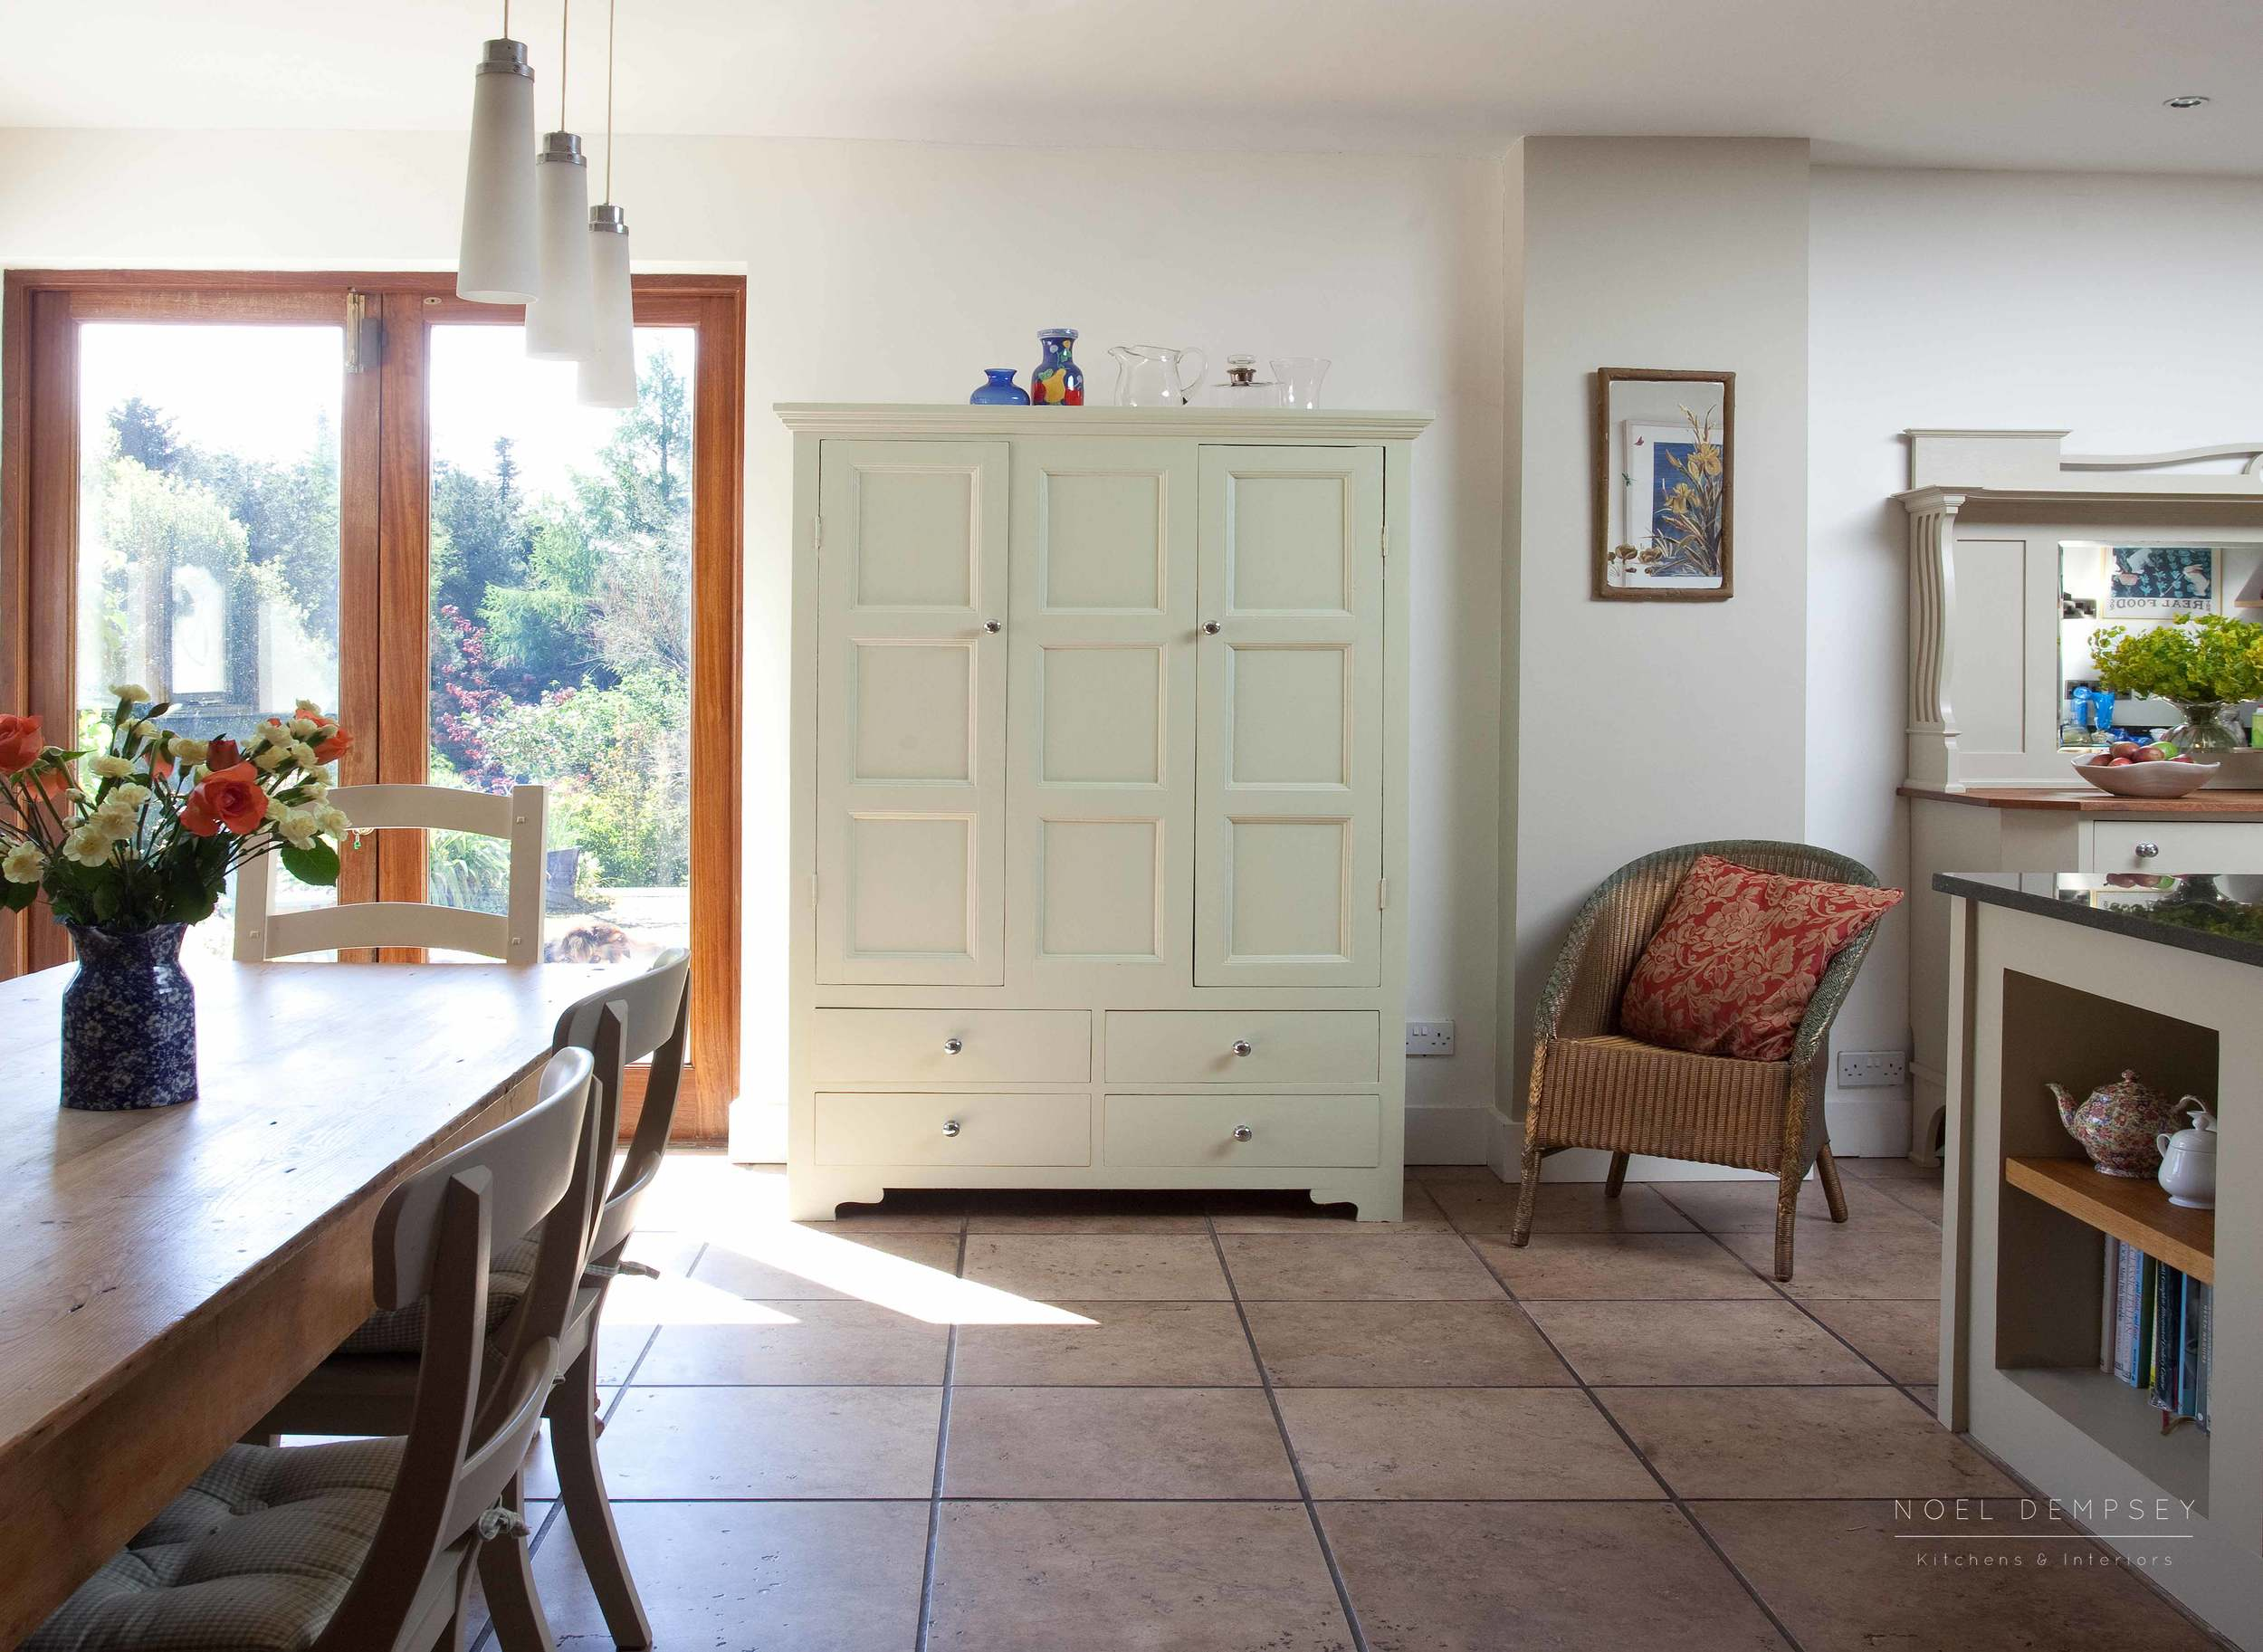 Bellvue-Hand-Painted-Kitchen-4.jpg